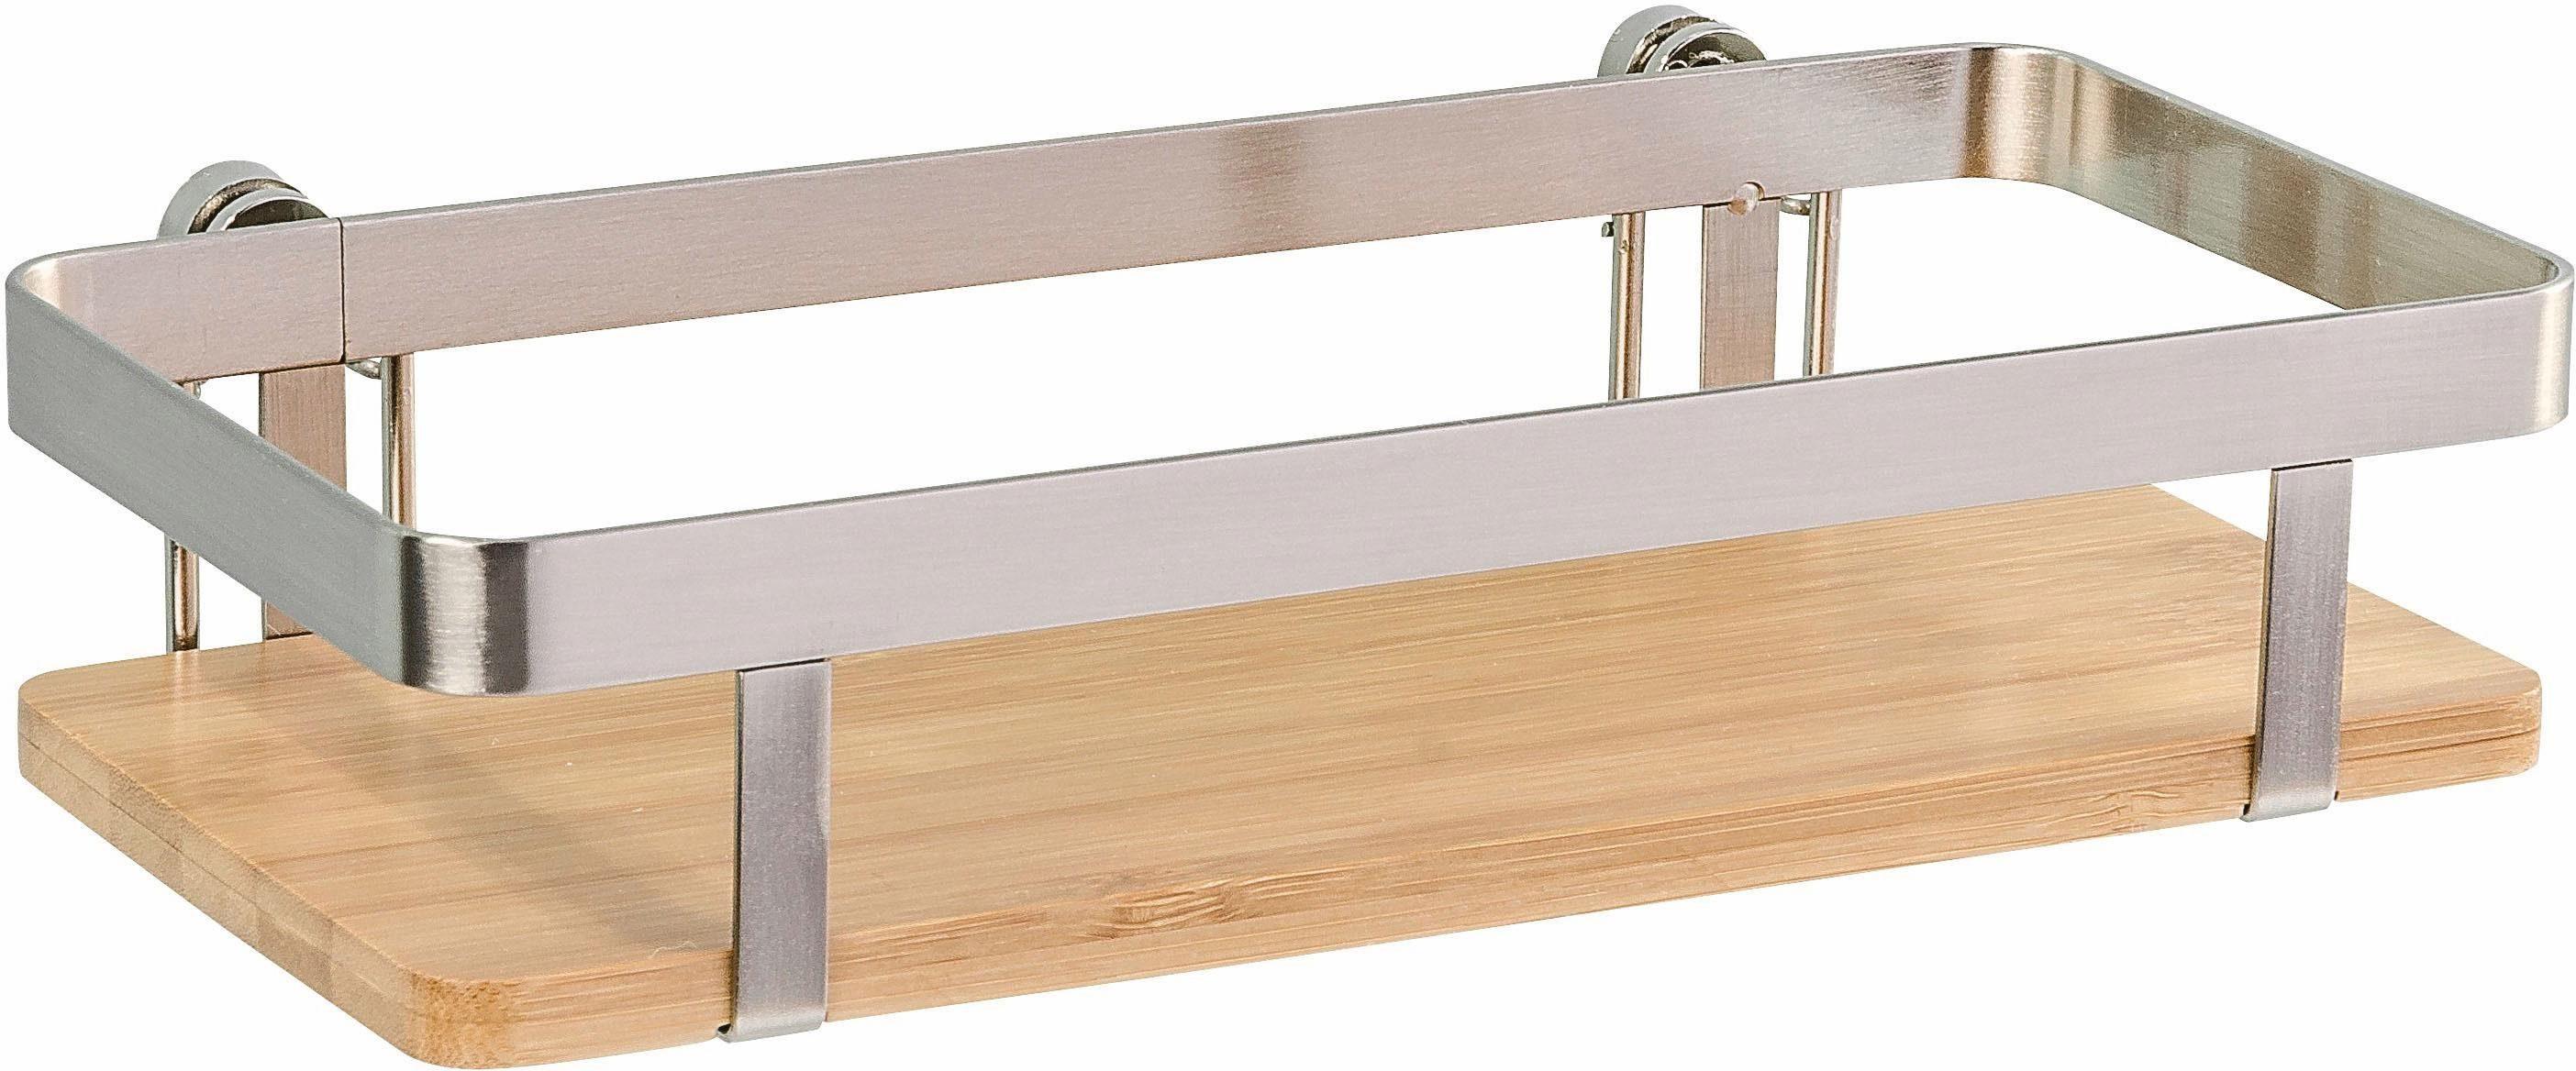 Wenko Universalregal mit Vacuum-Loc Befestigungssystem, »Premium«